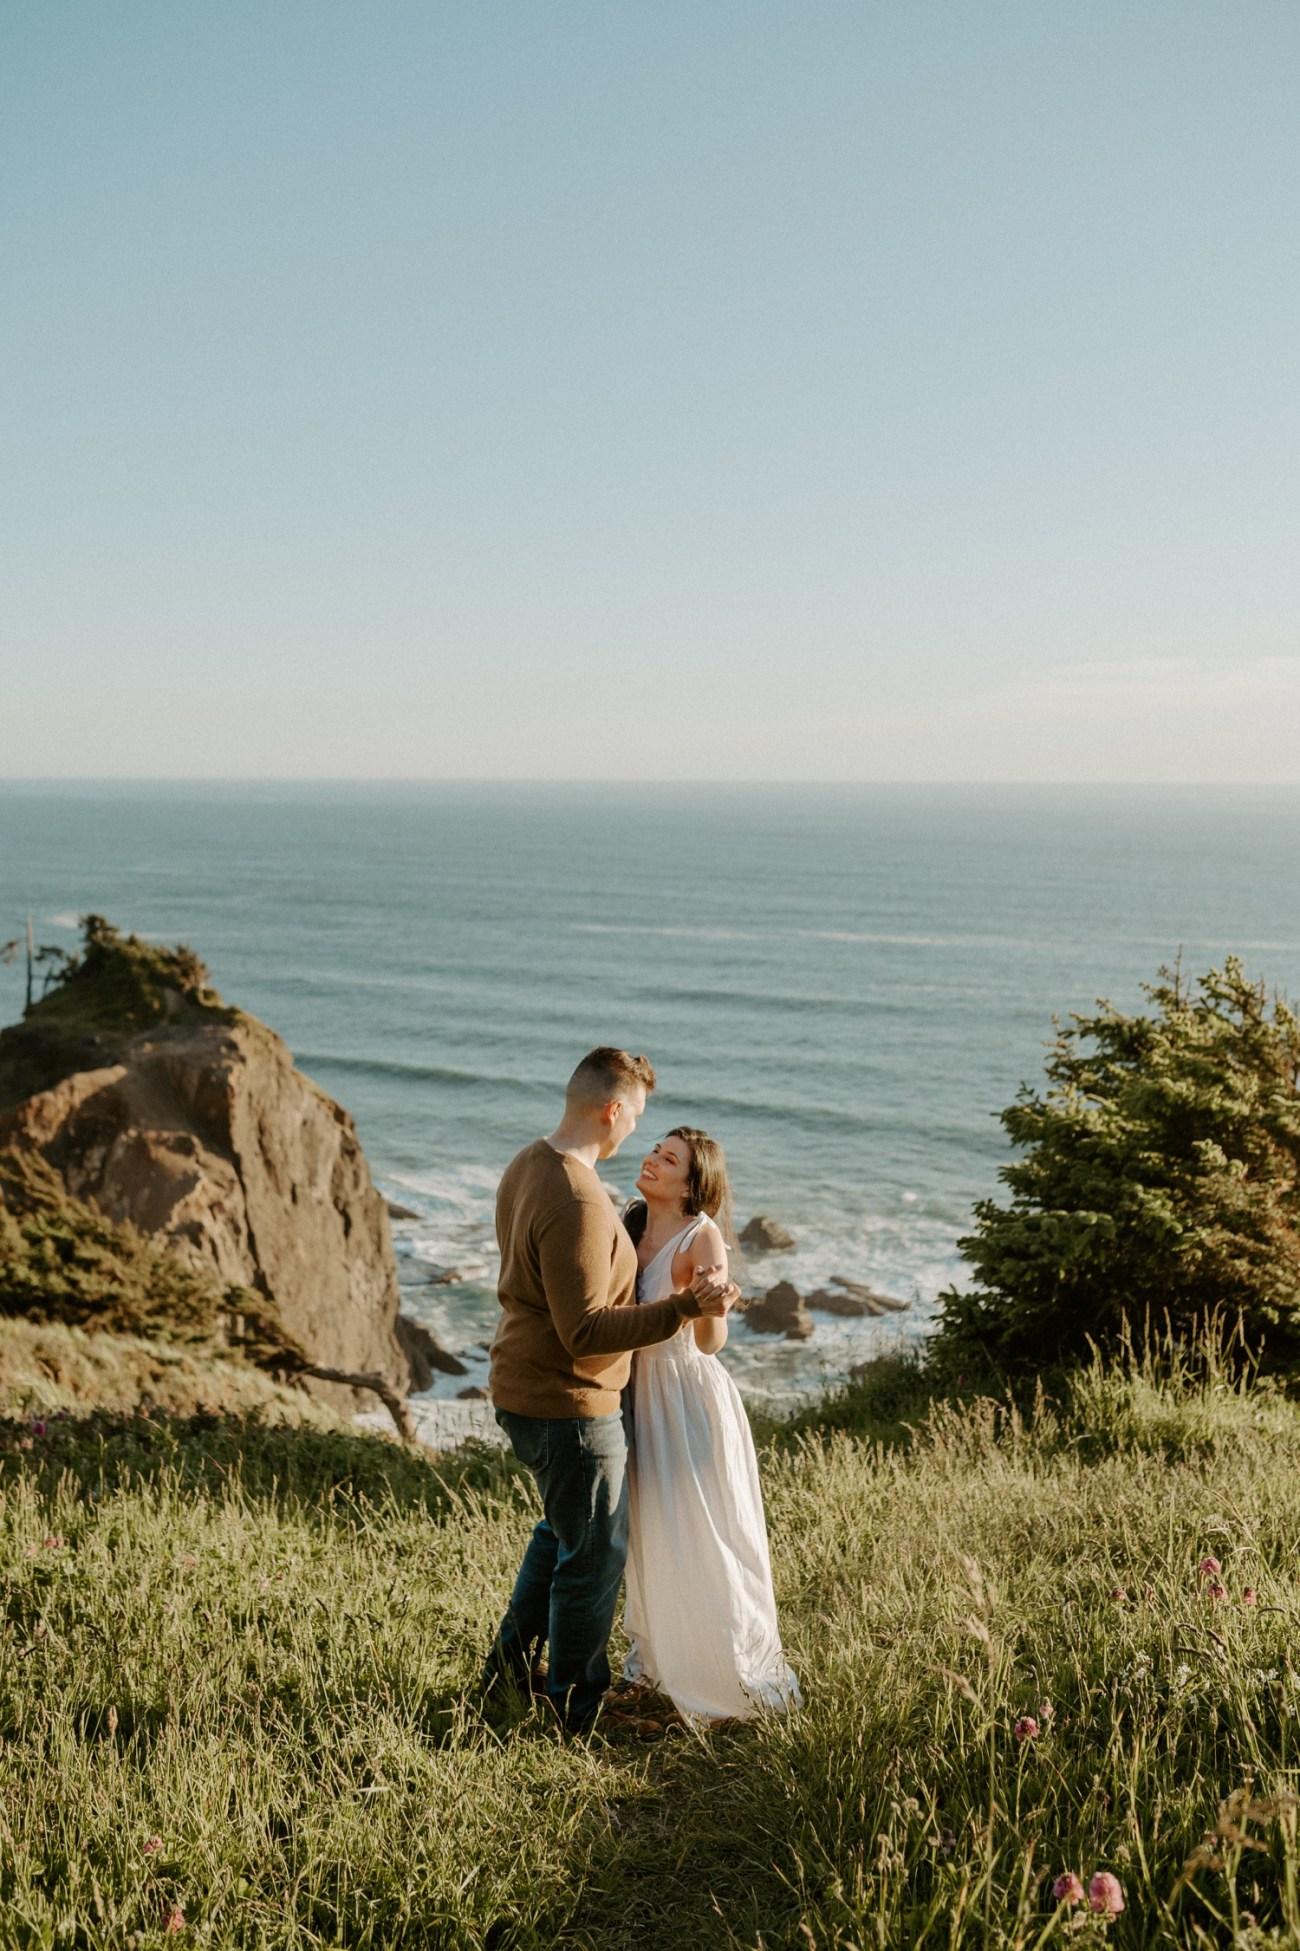 Oregon Coast Gods Thumb Engagement Session Bend Oregon Wedding Photographer Anais Possamai Photography 06